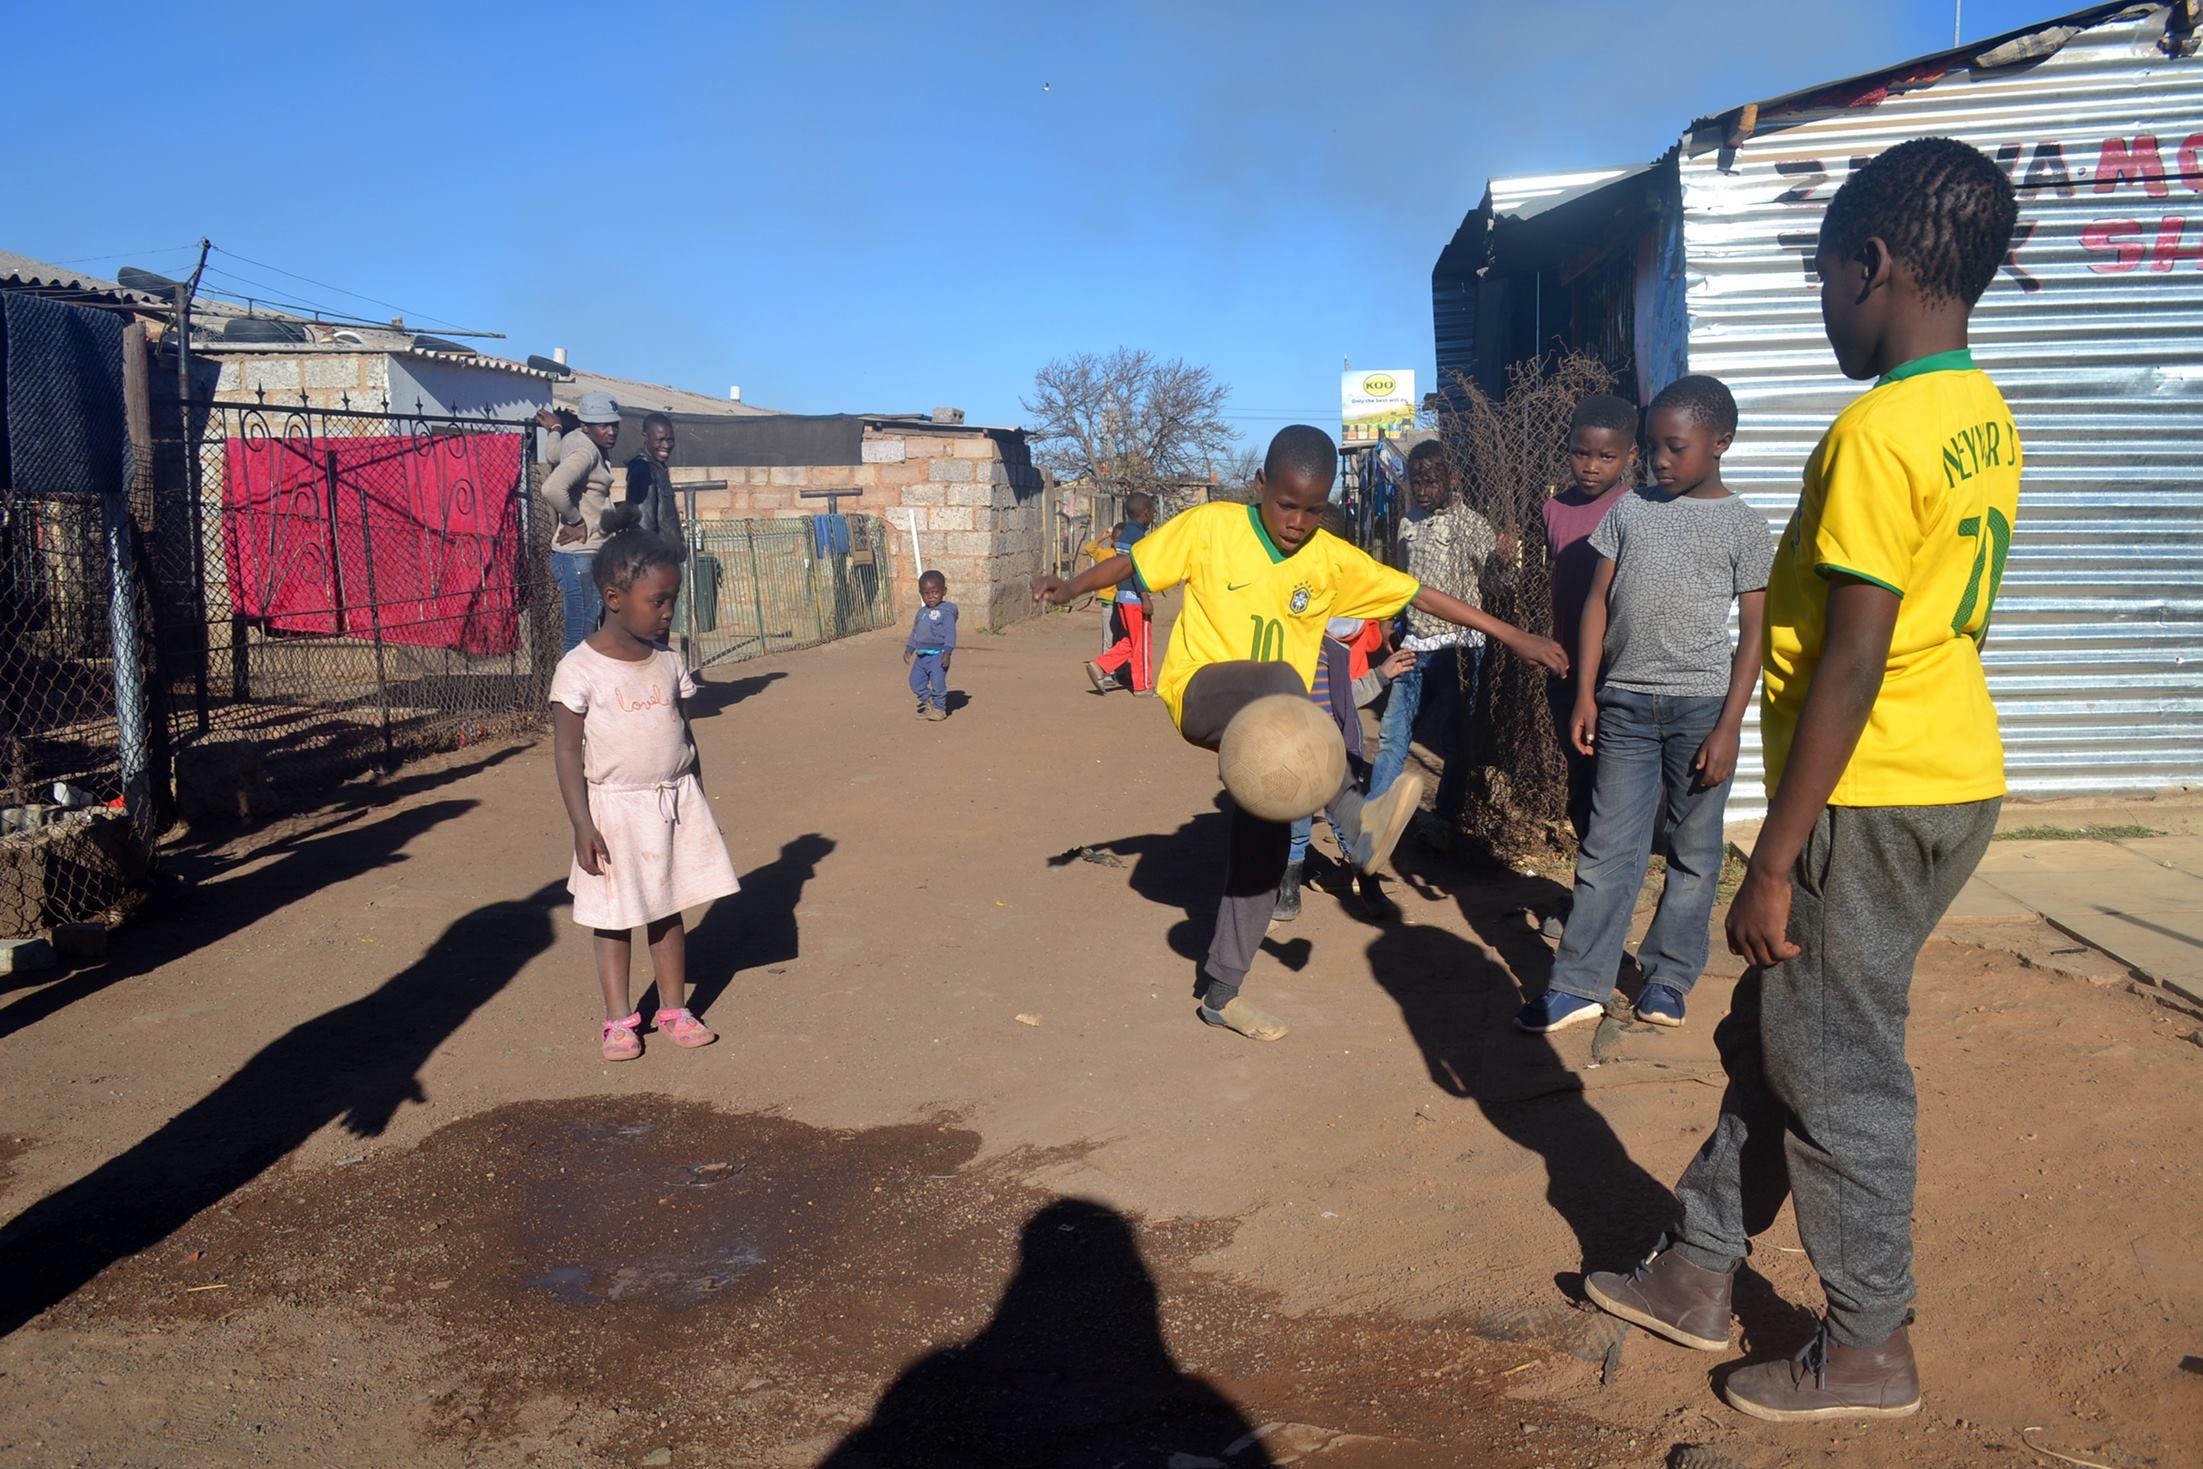 joanesburgo_africadosul_soweto_1